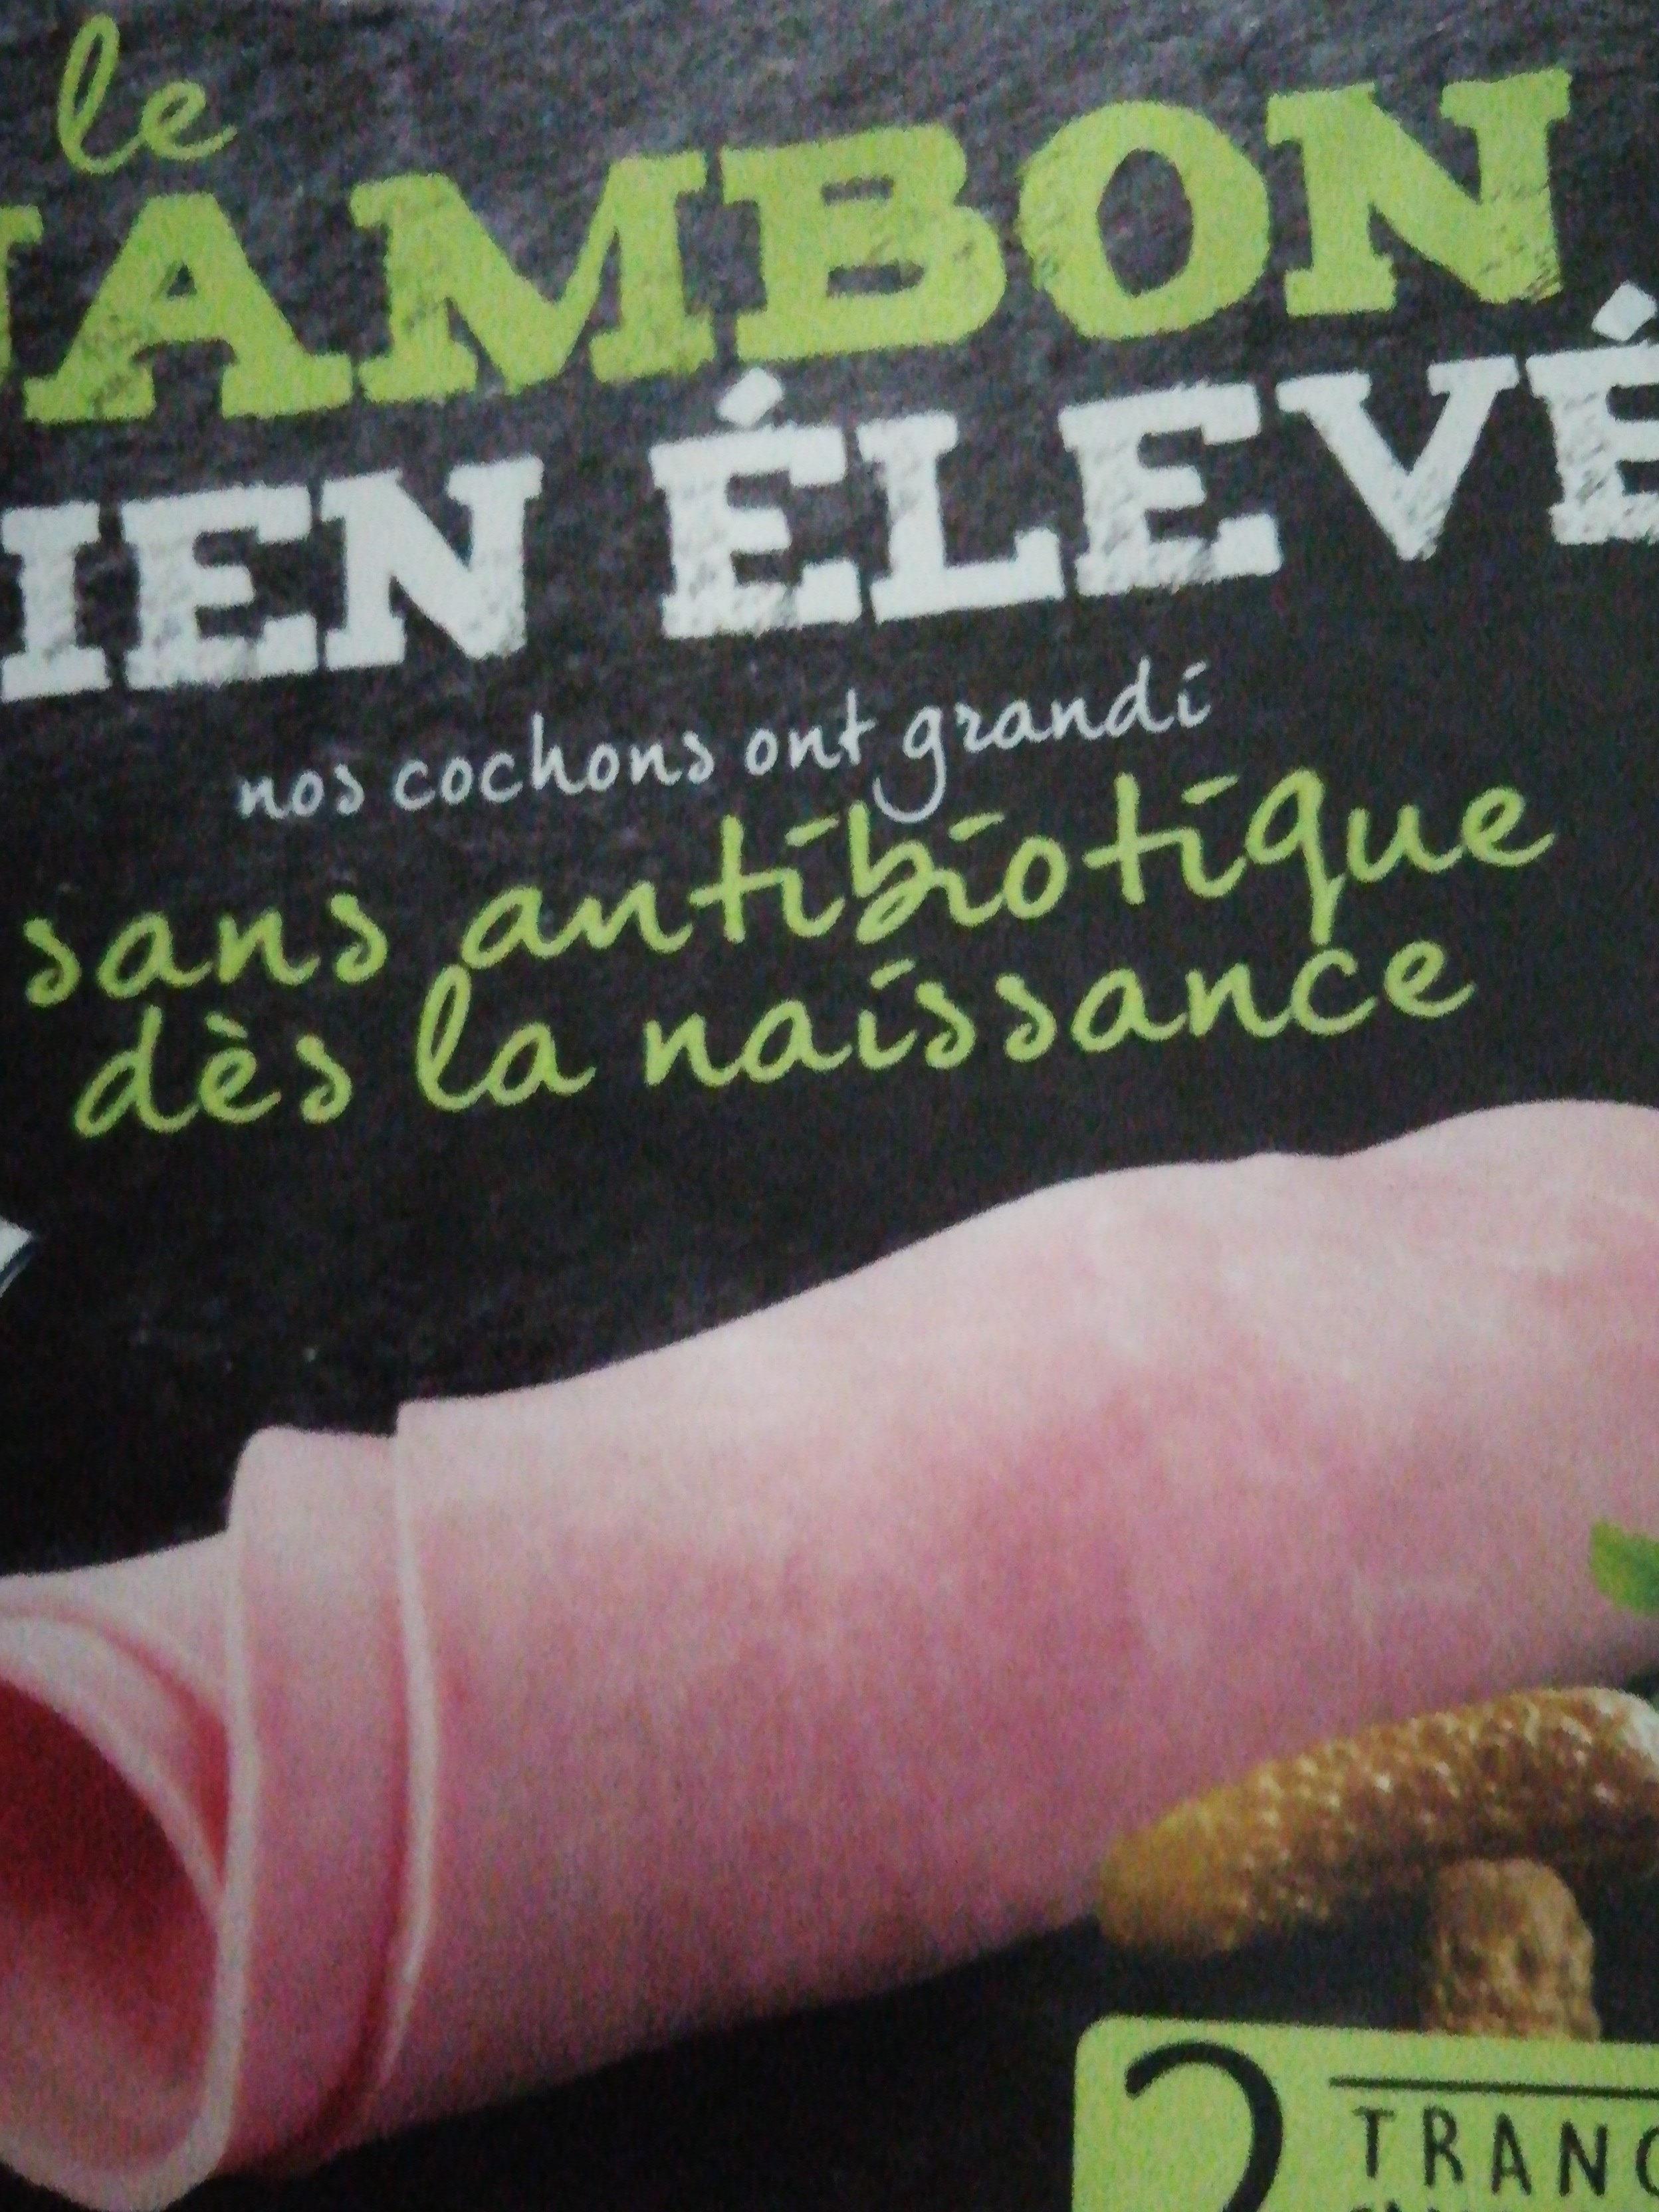 Le jambon bien élevé sans antibiotique dès la naissance sas couenne - Produit - fr